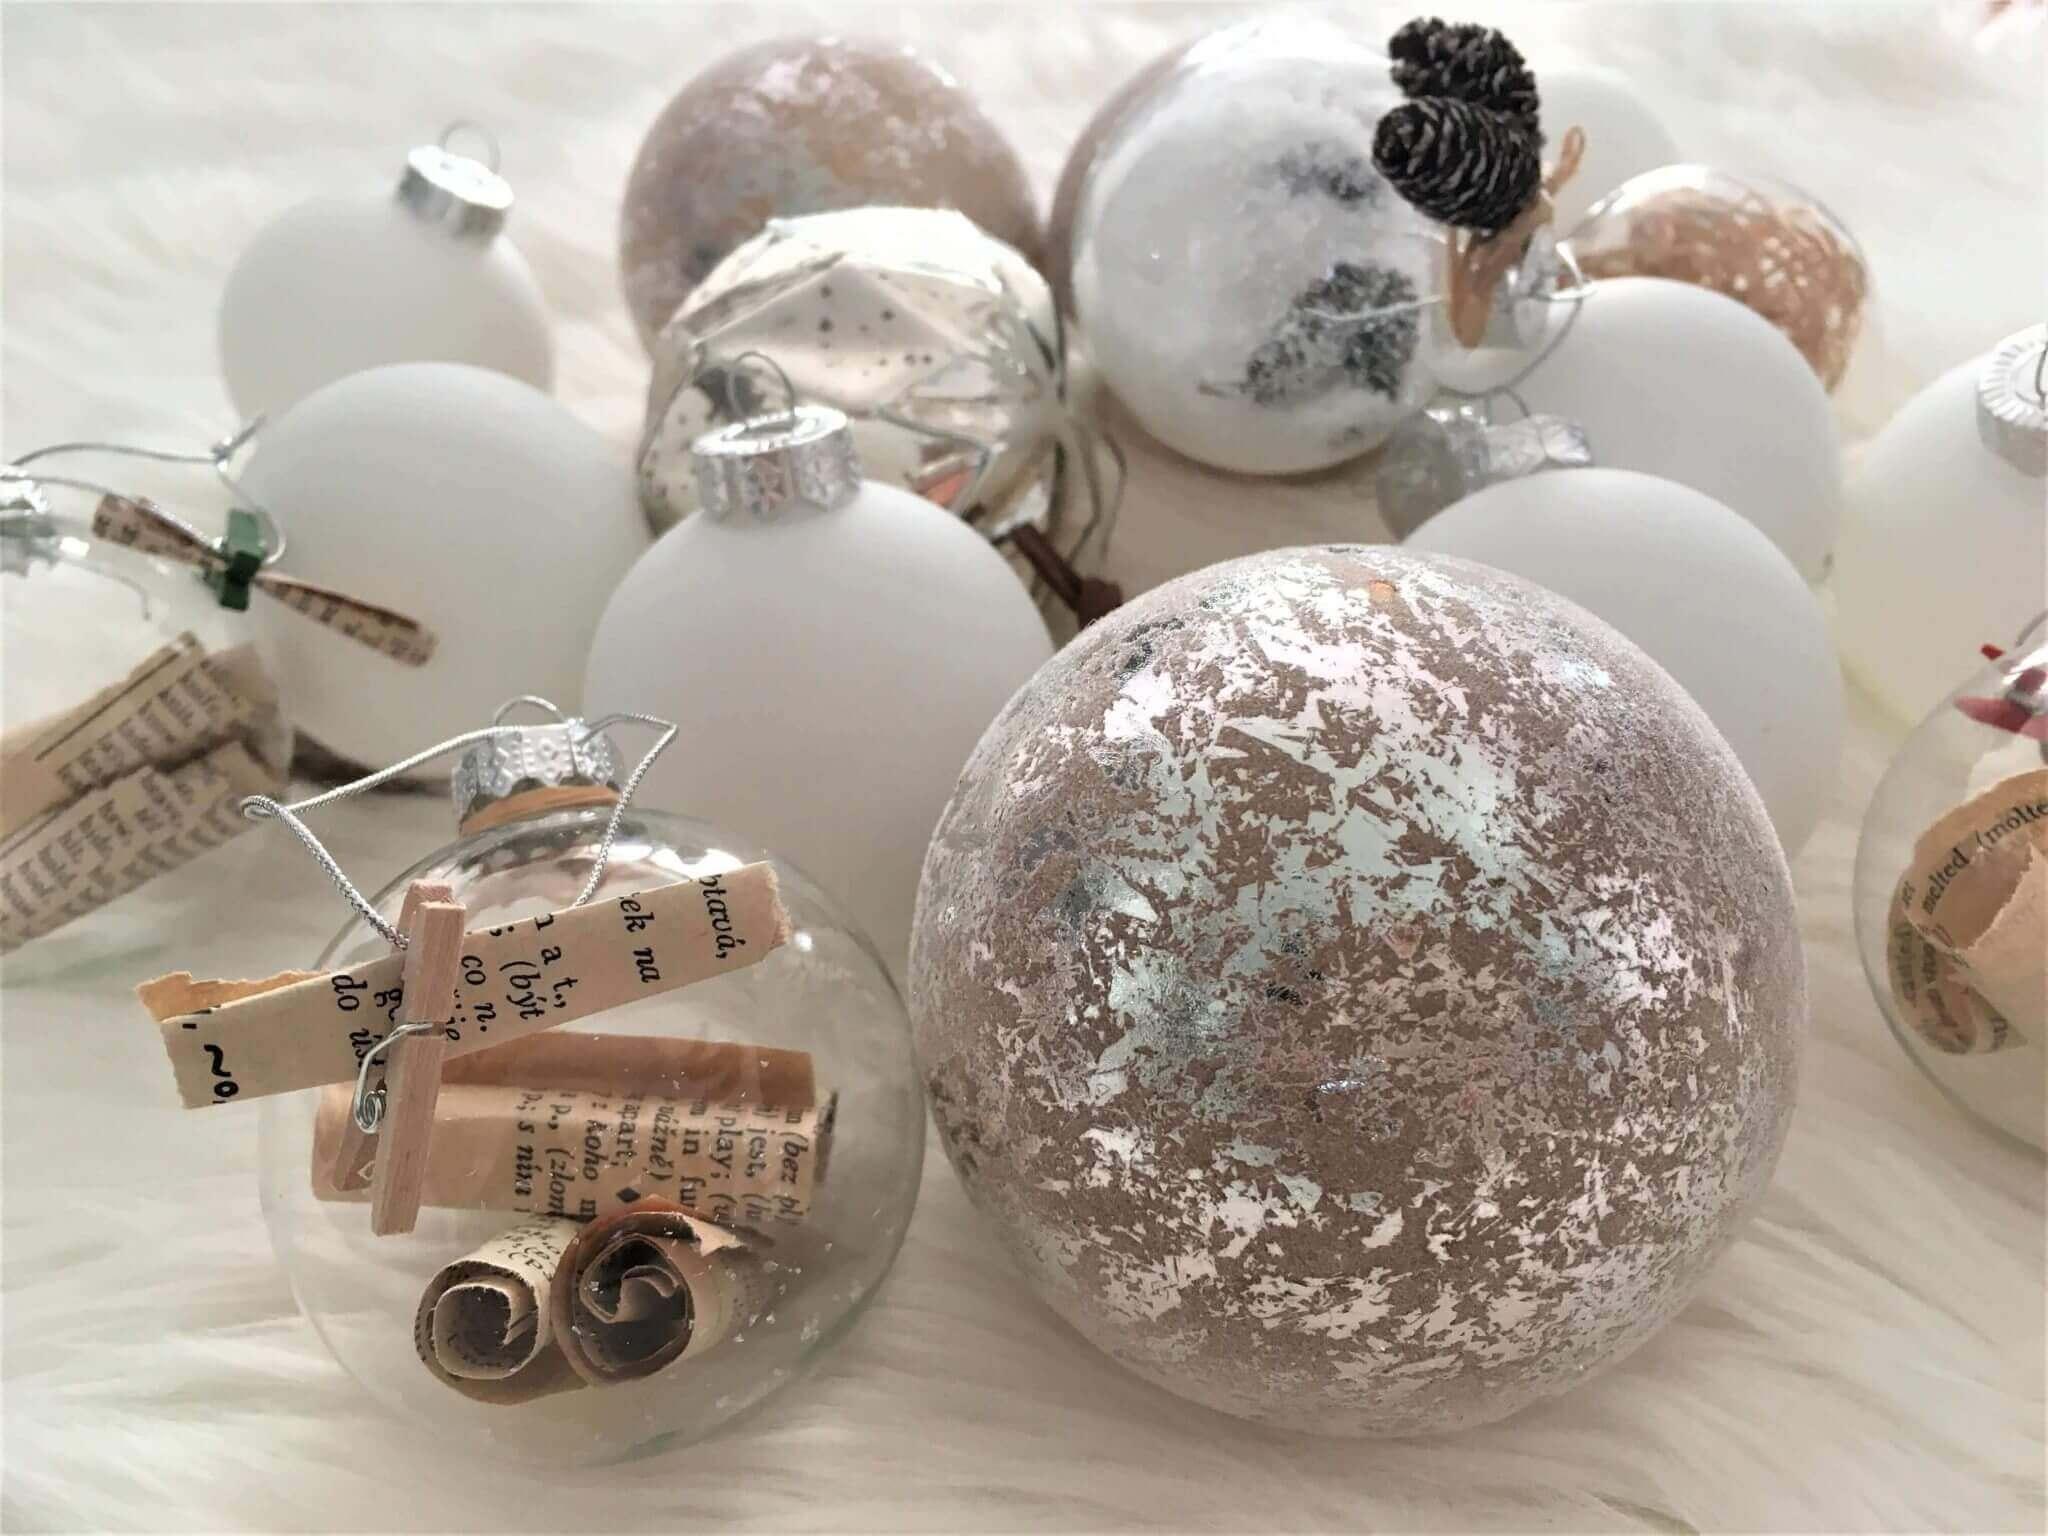 IMG 2416 2 - Je čas na ozdoby a dekorácie - lebo Vianoce